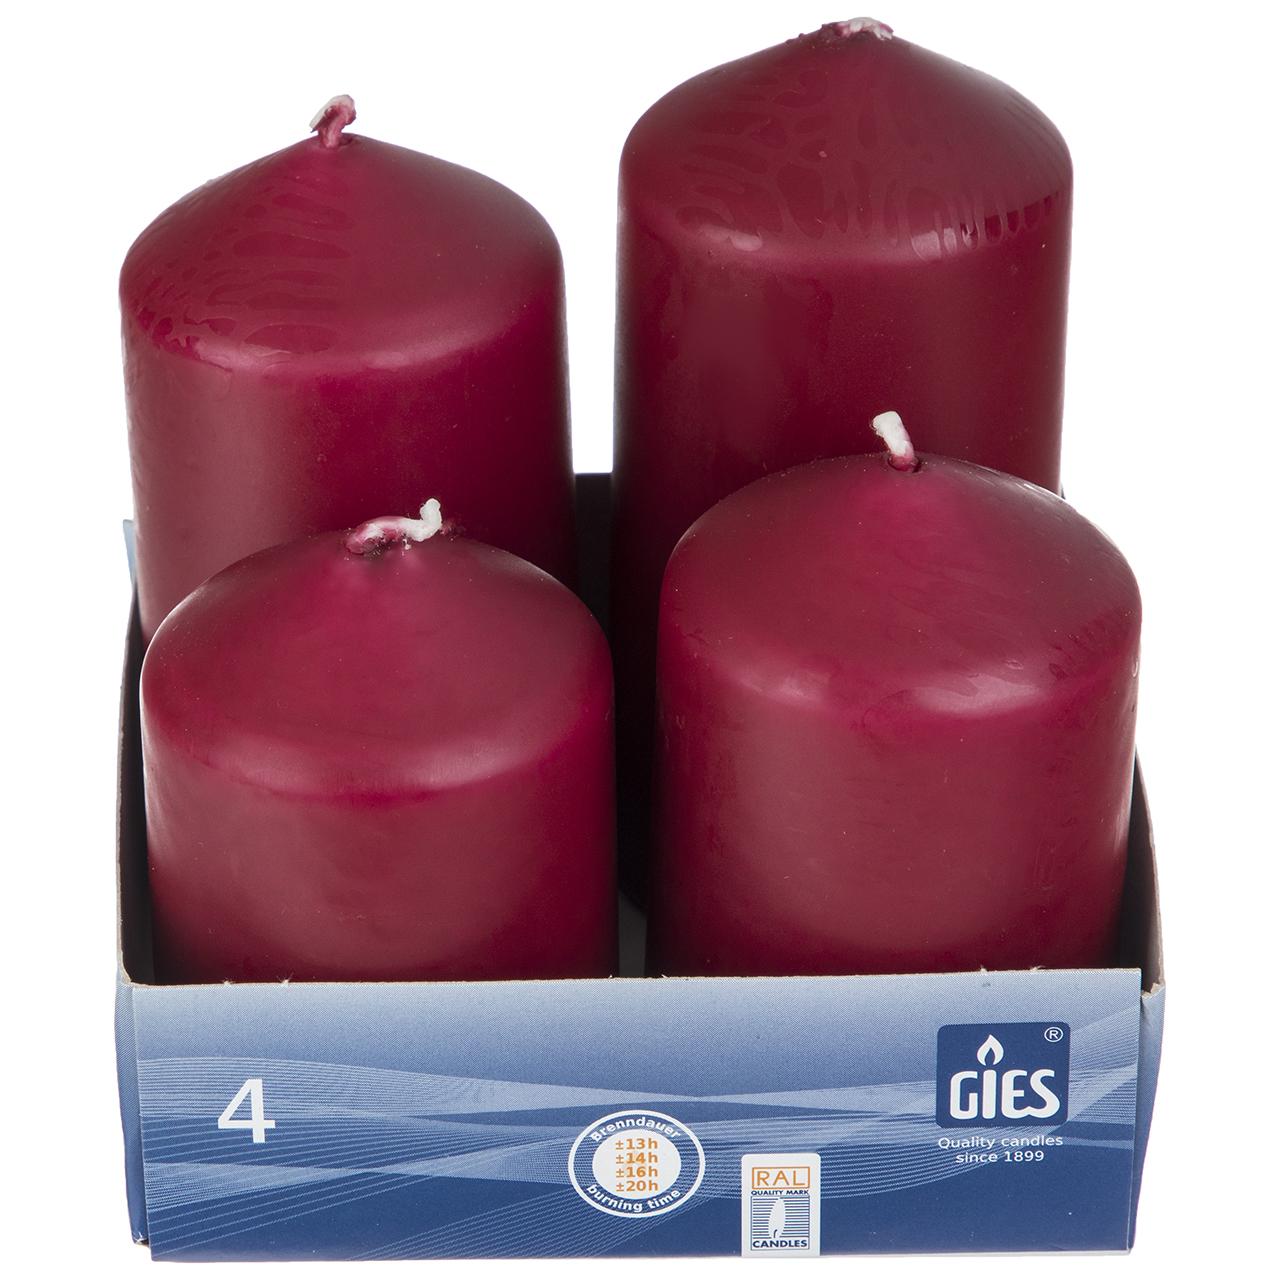 شمع گیس مدل PILAR CANDLE بسته 4 عددی